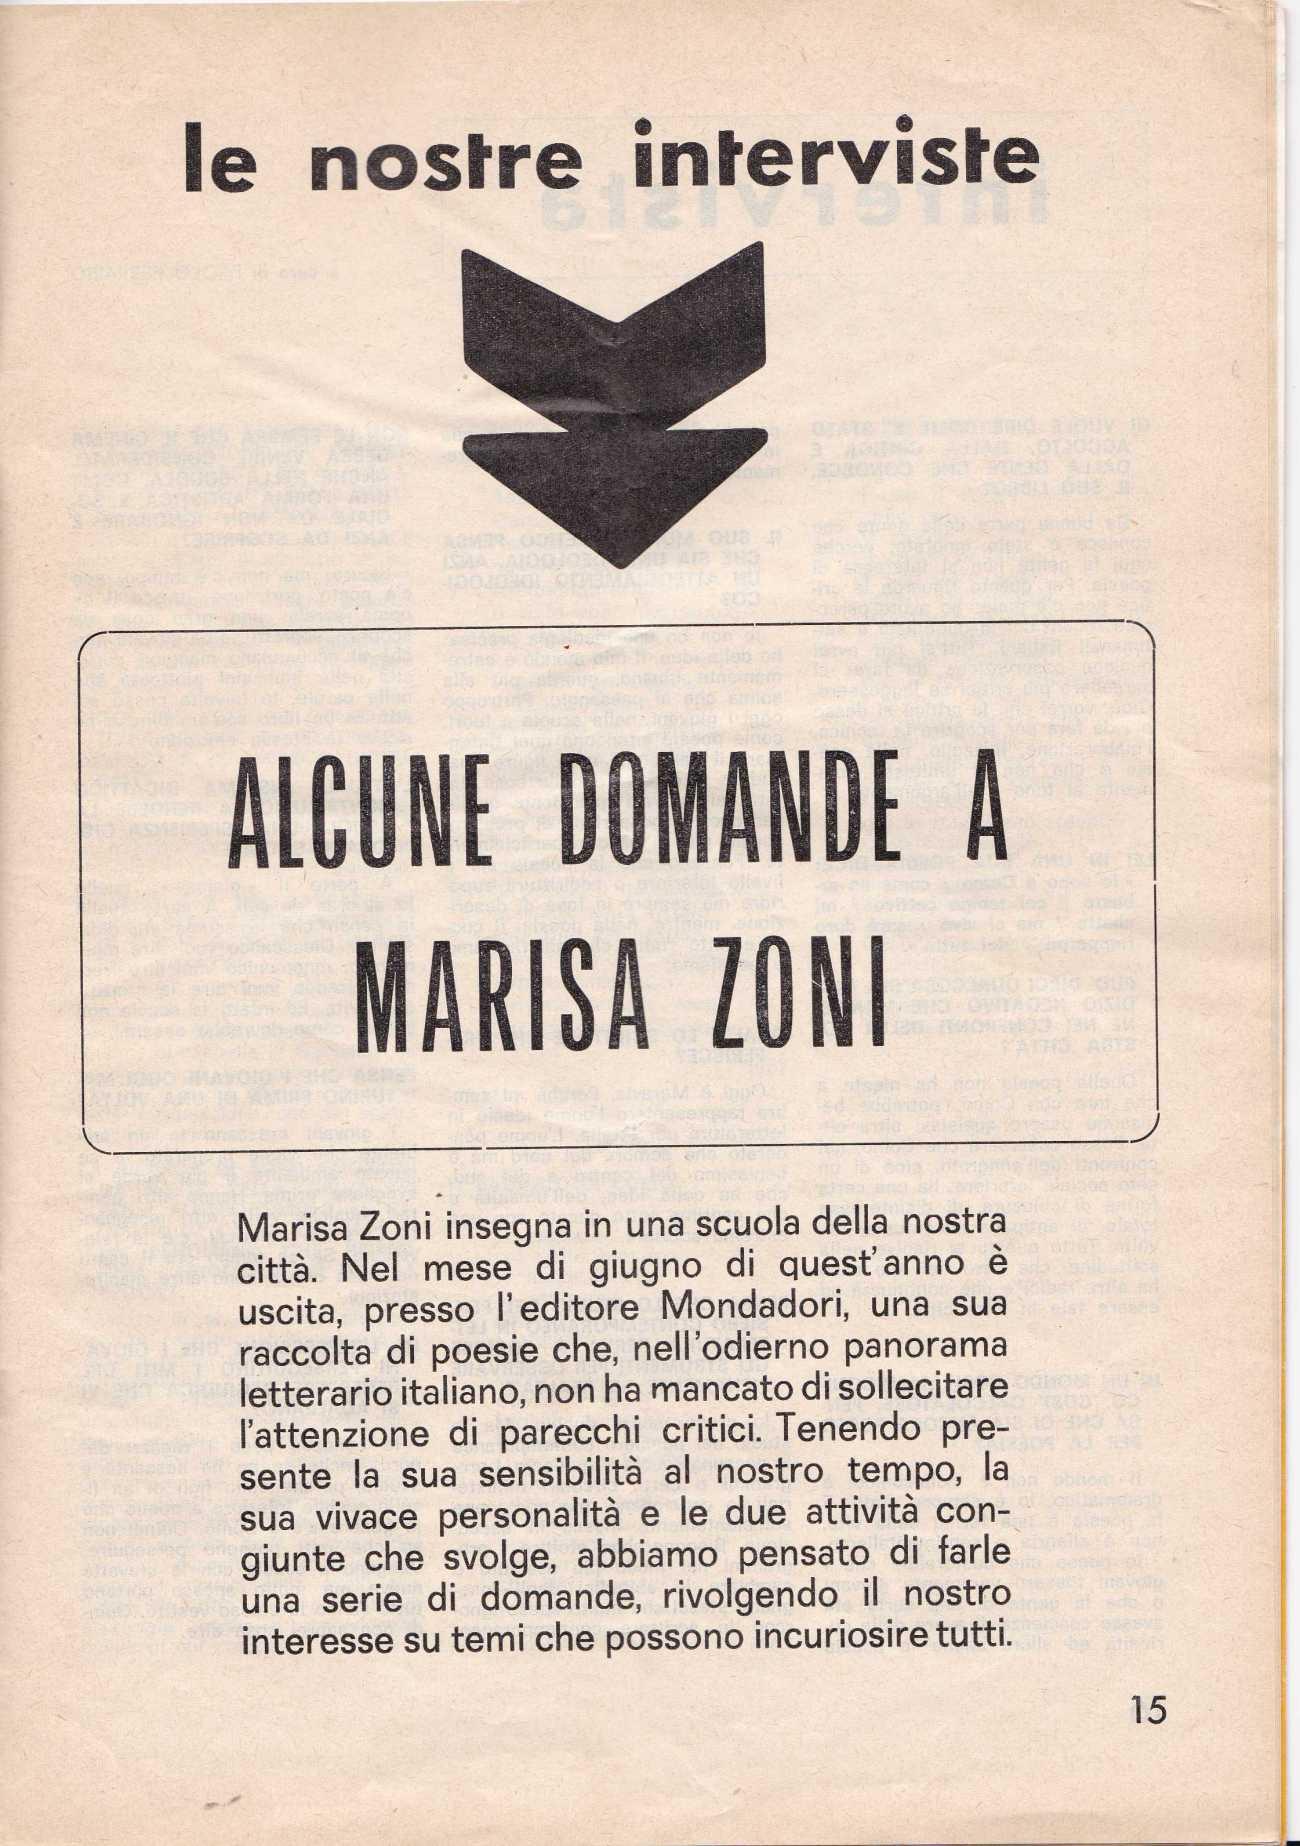 zoni 19673040